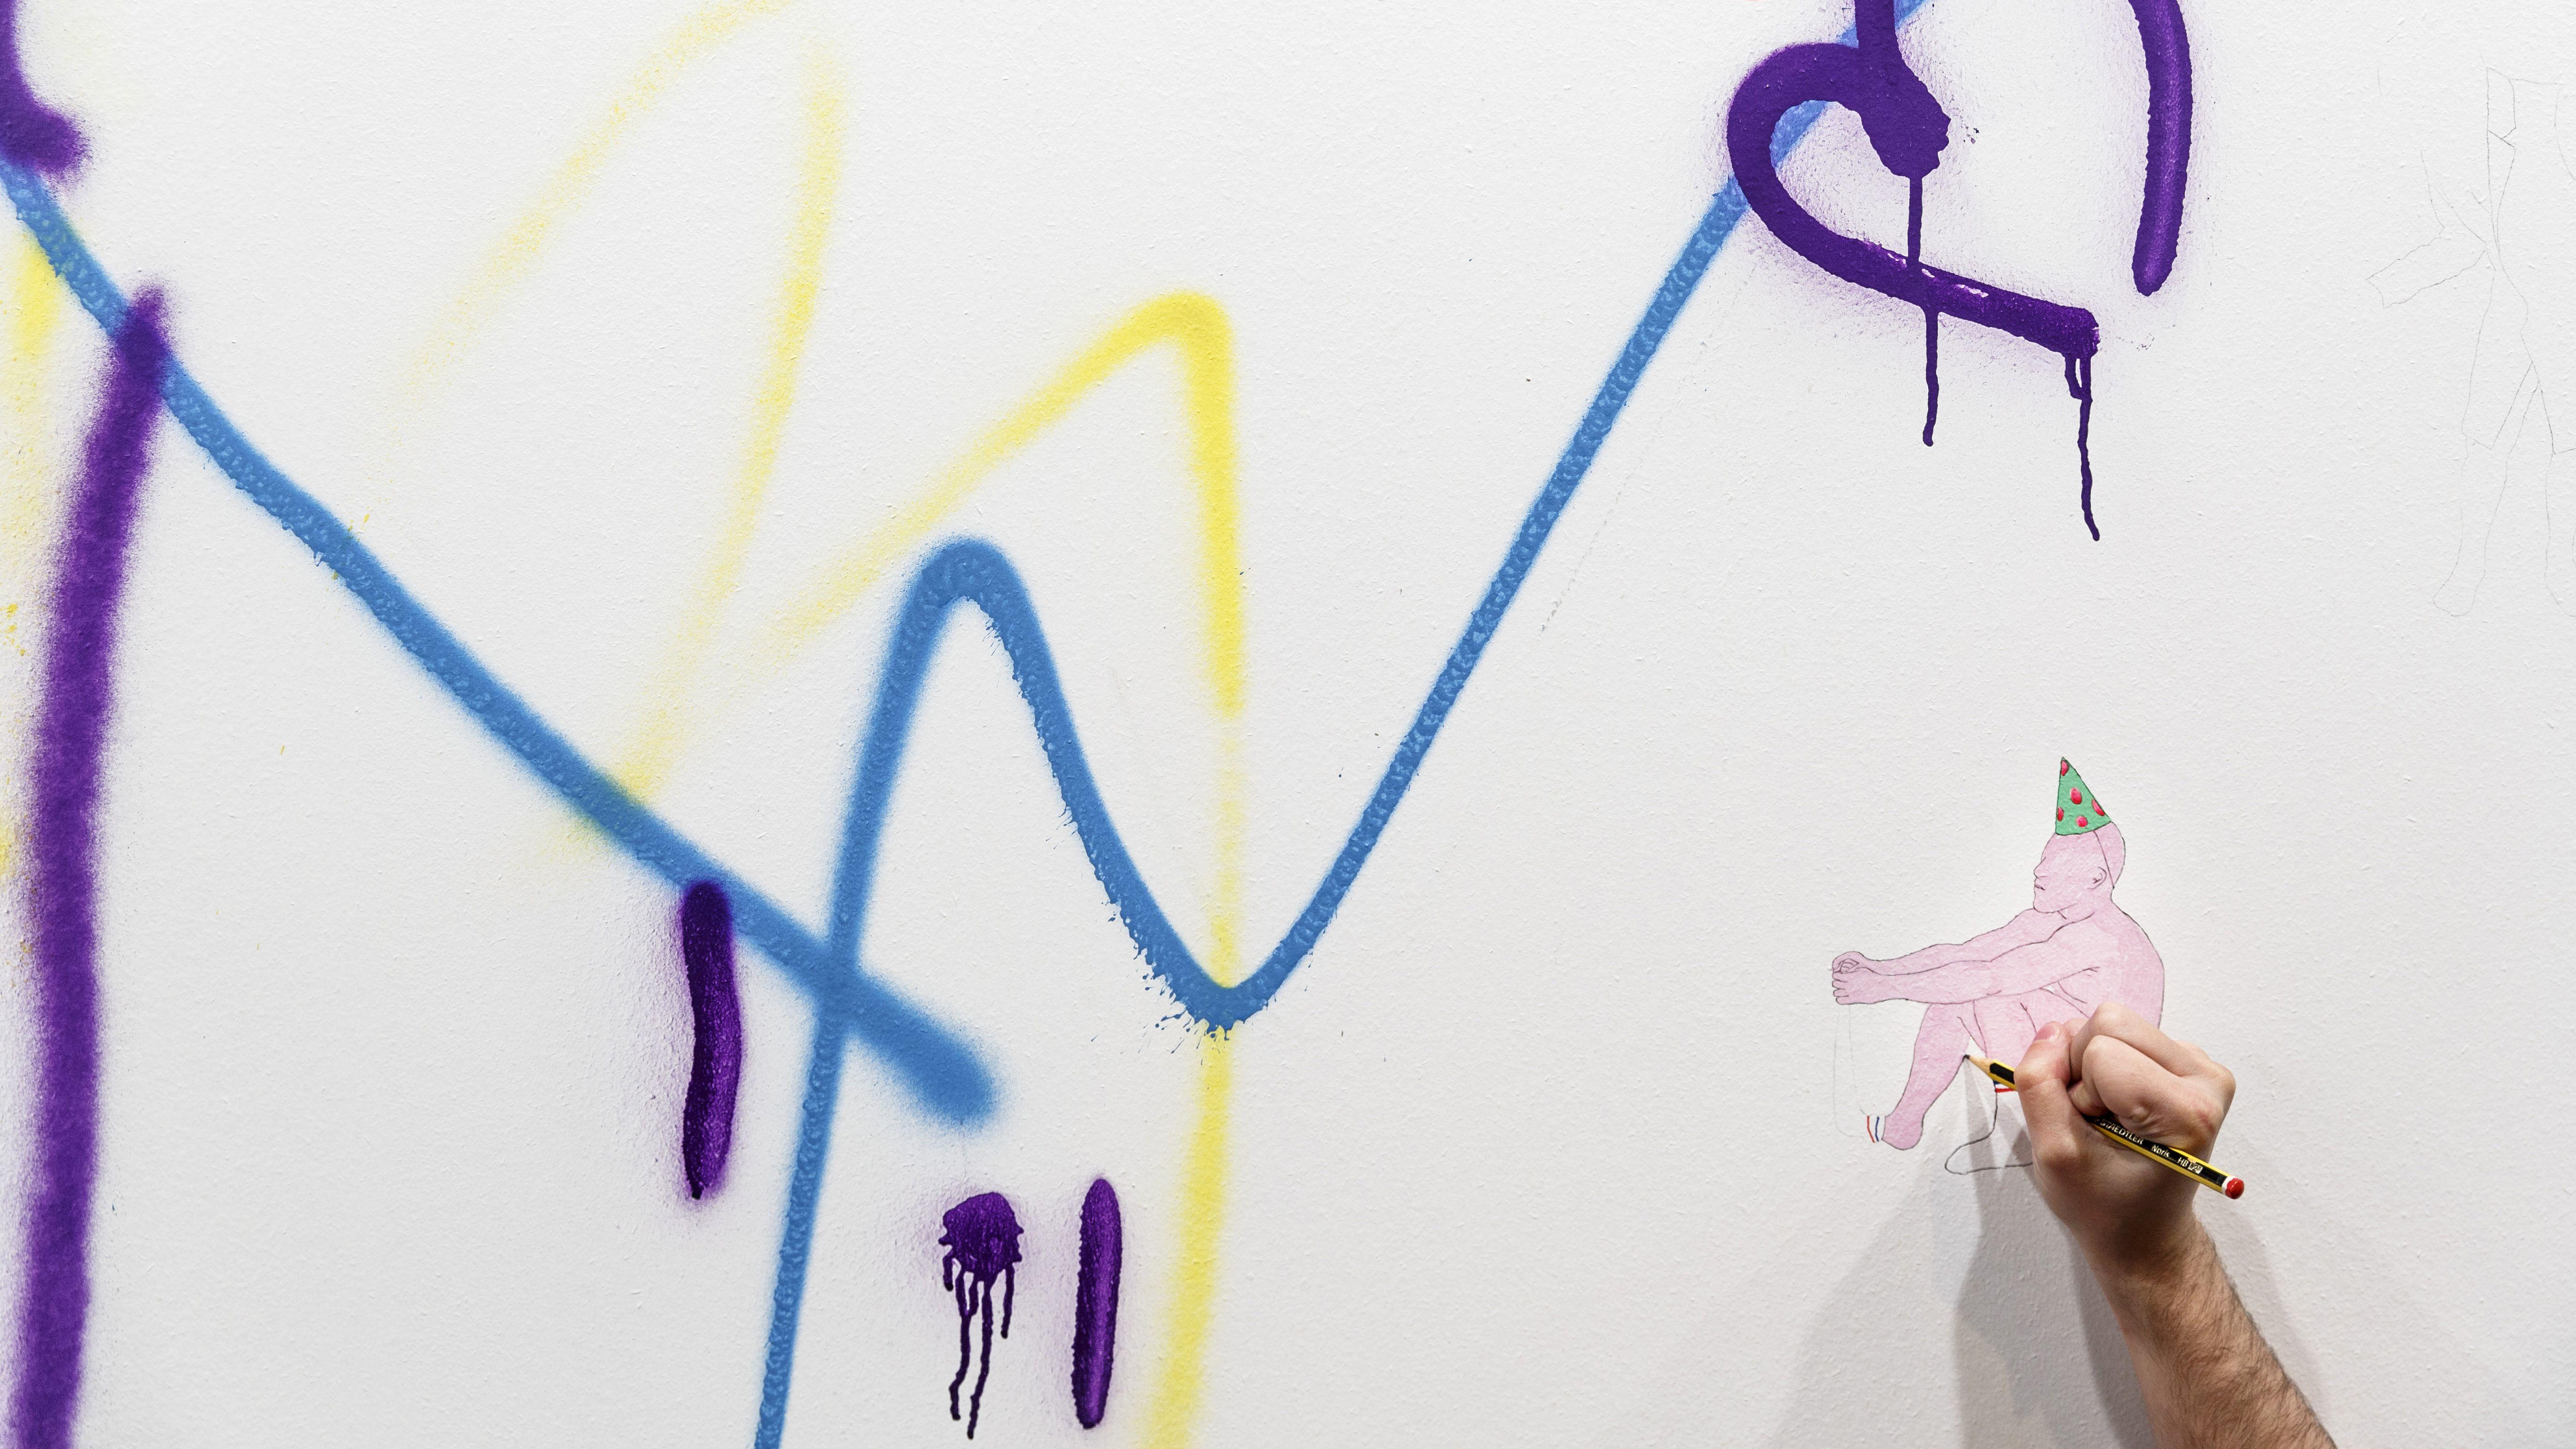 a hand draws a figure on a wall